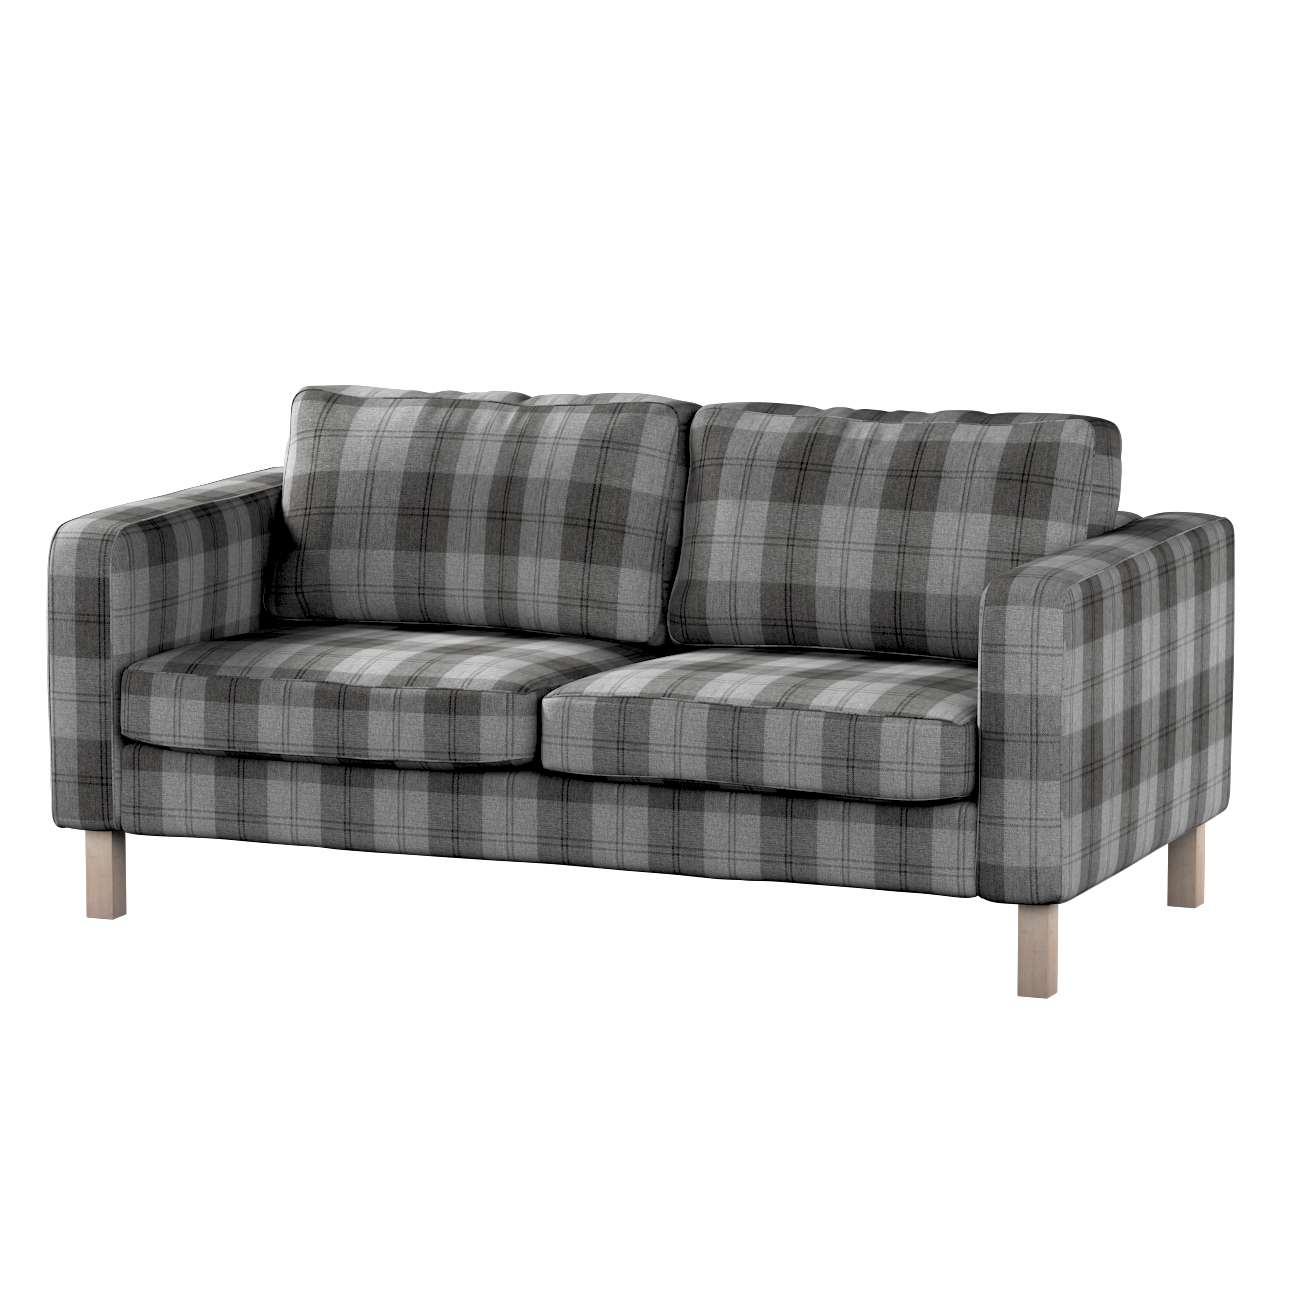 Pokrowiec na sofę Karlstad 2-osobową nierozkładaną krótki w kolekcji Edinburgh, tkanina: 115-75